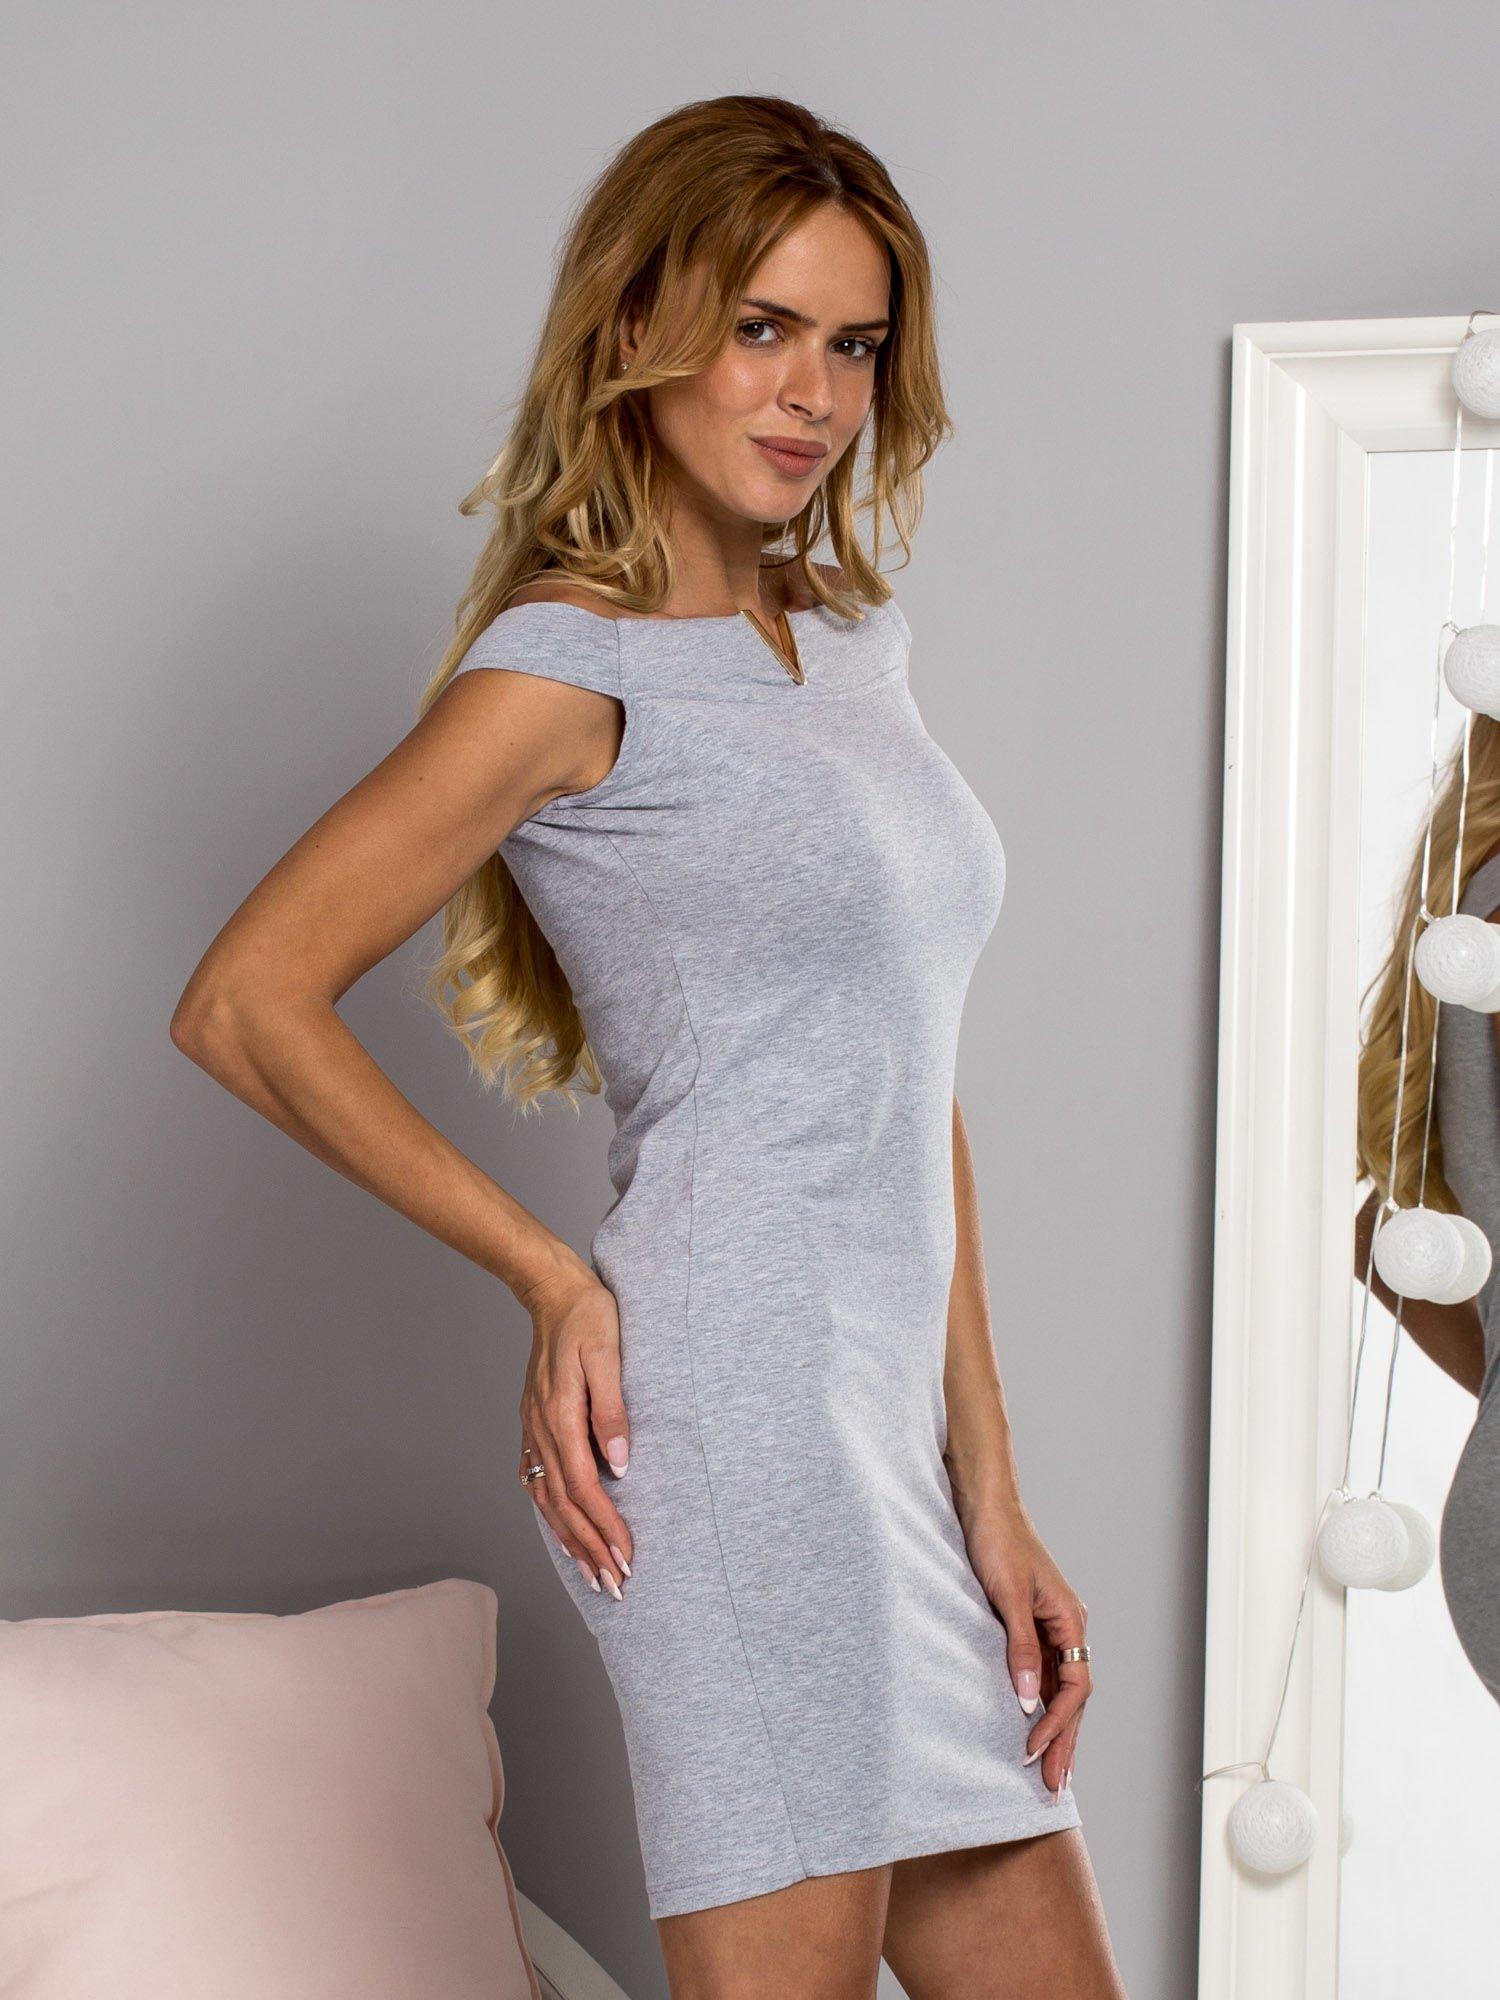 9b899e5415 Bawełniana sukienka dresowa z ozdobnym dekoltem szara - Sukienka na co  dzień - sklep eButik.pl